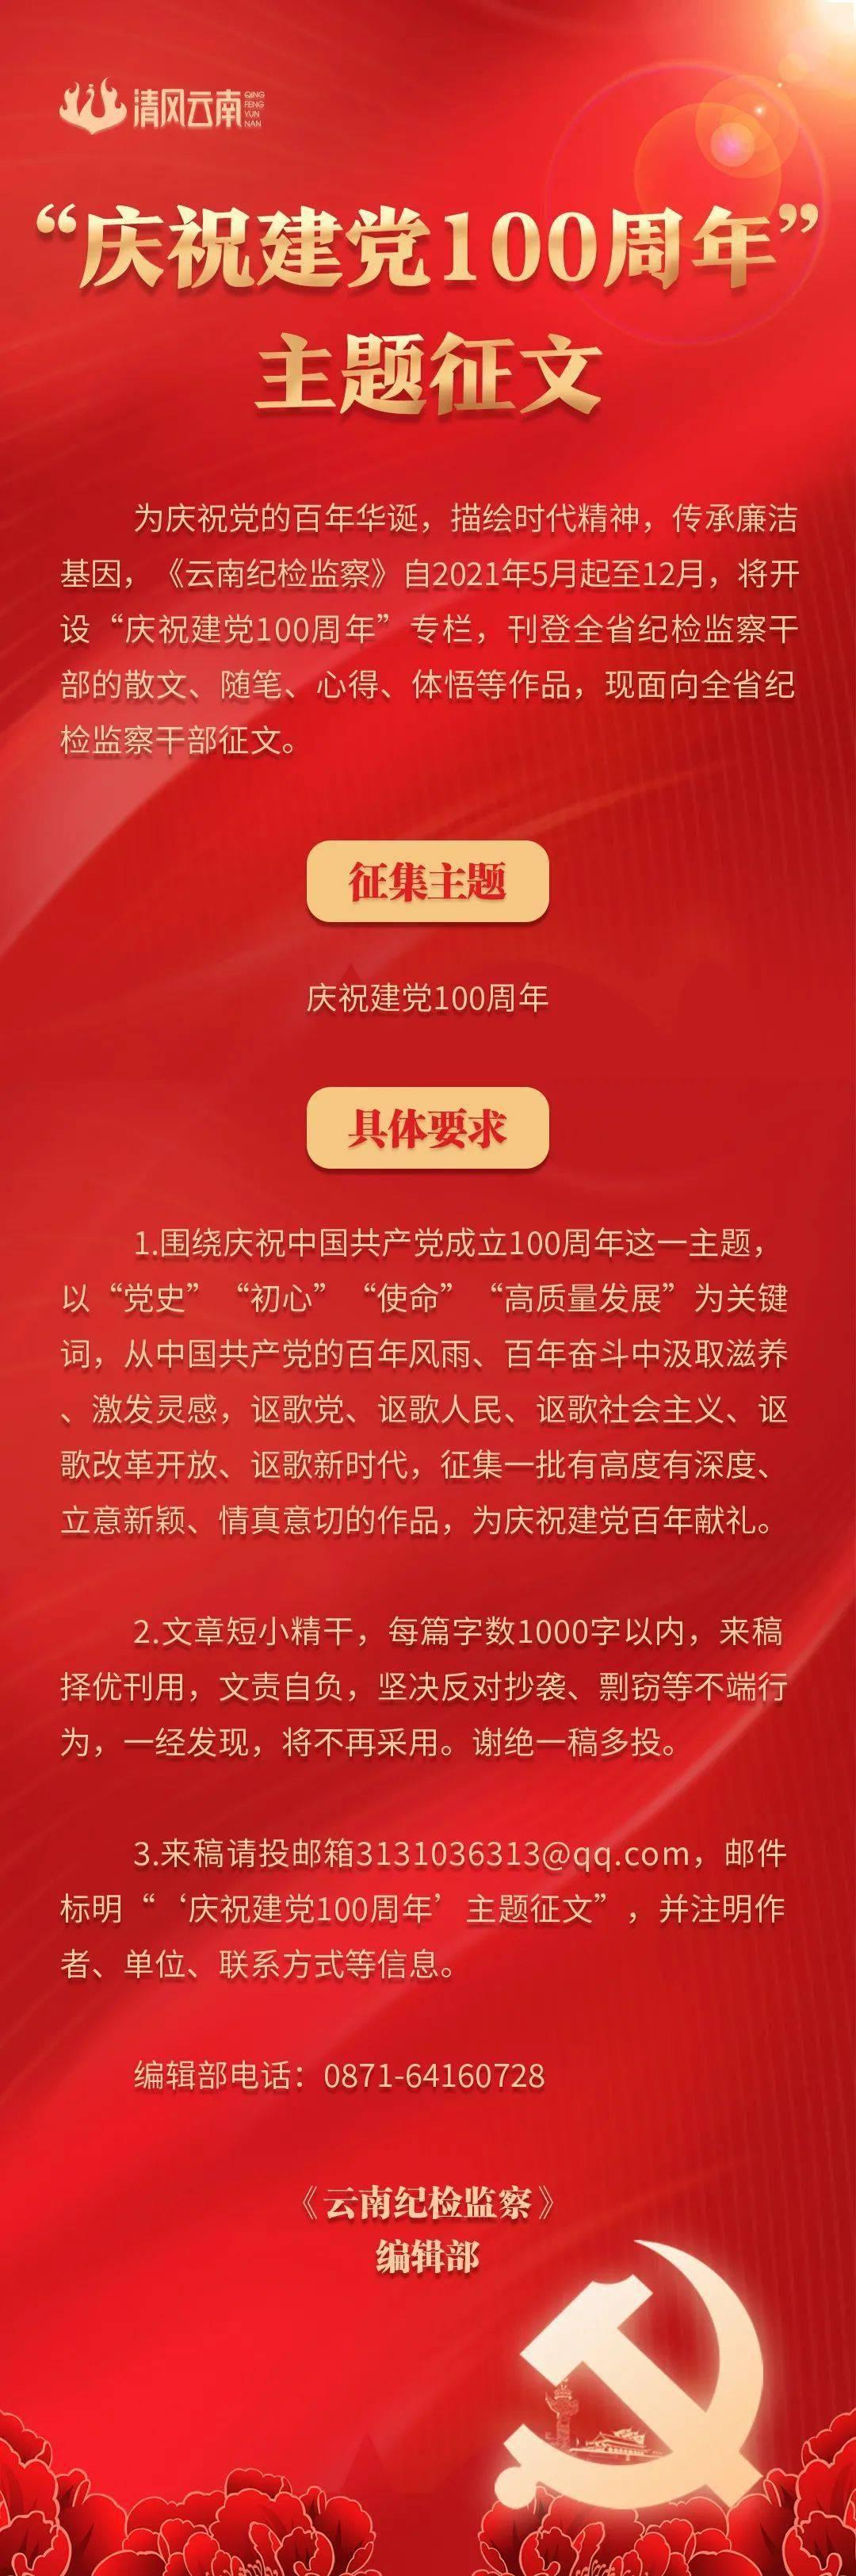 """《云南纪检监察》杂志""""庆祝建党100周年""""专栏面向全省纪检监察干部征文"""